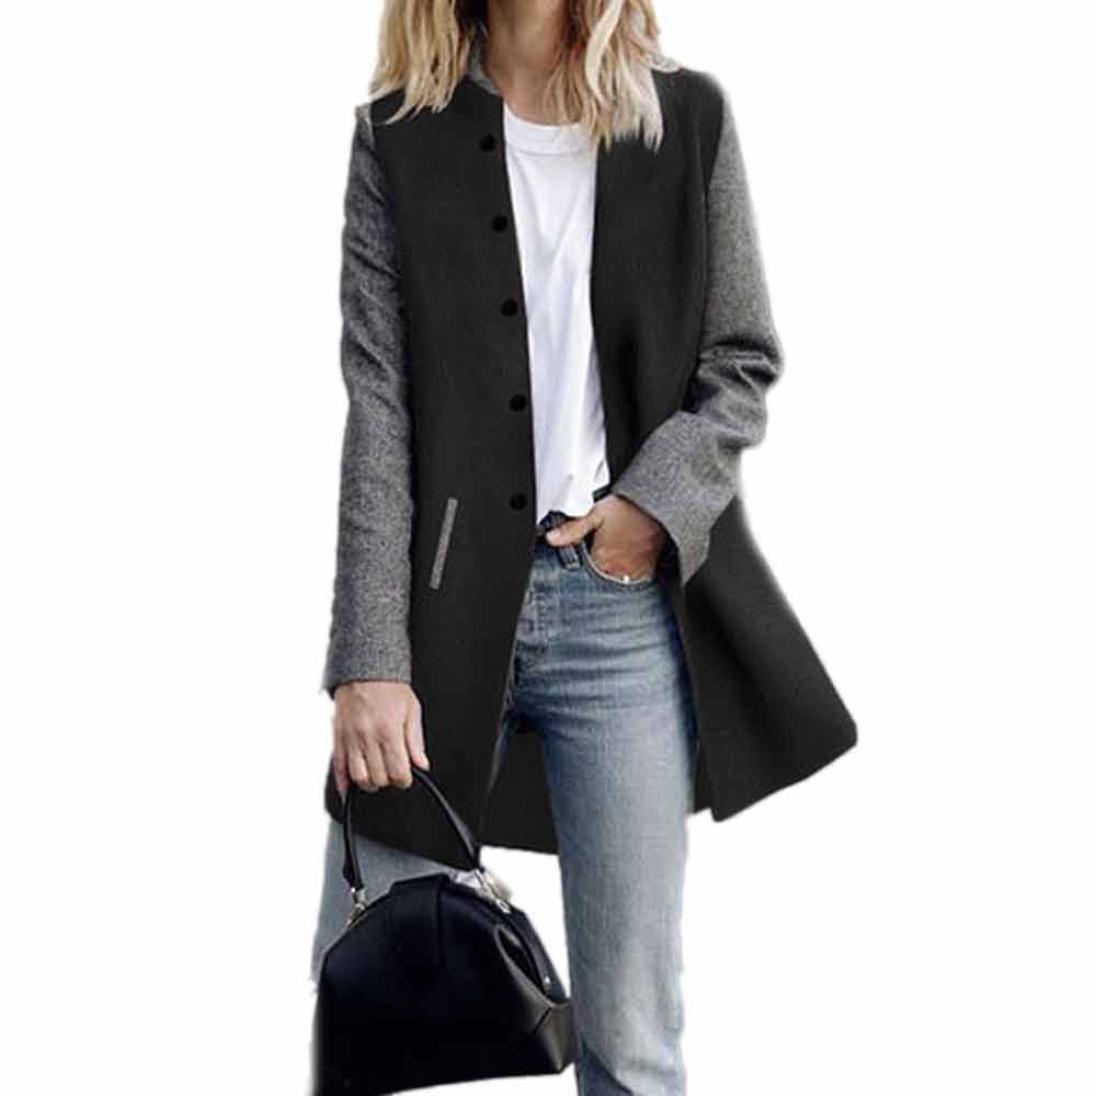 YKA Women's Tops, Cozy Jumper KnitwearWomens Casual Long Sleeve Cardigan Jacket Lady Coat Jumper Knitwear